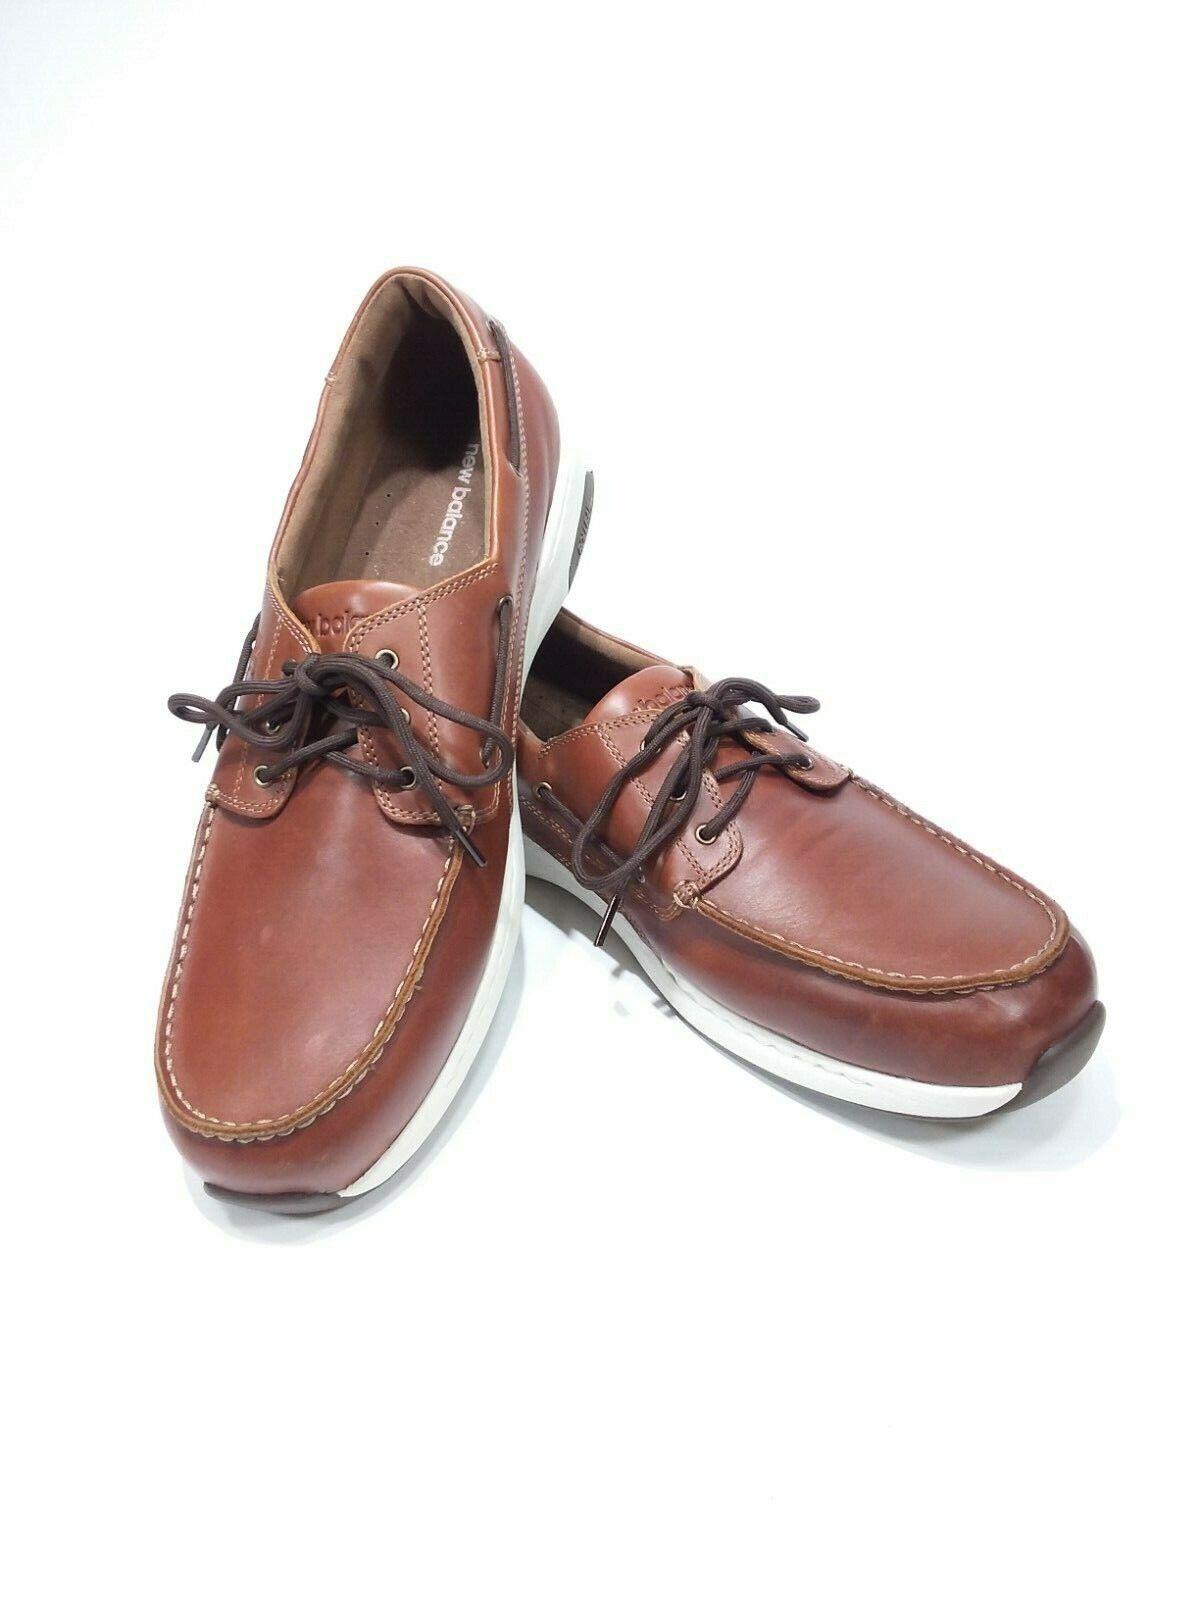 Hombre, nuevo equilibrio, md120sb, zapatos marróns.